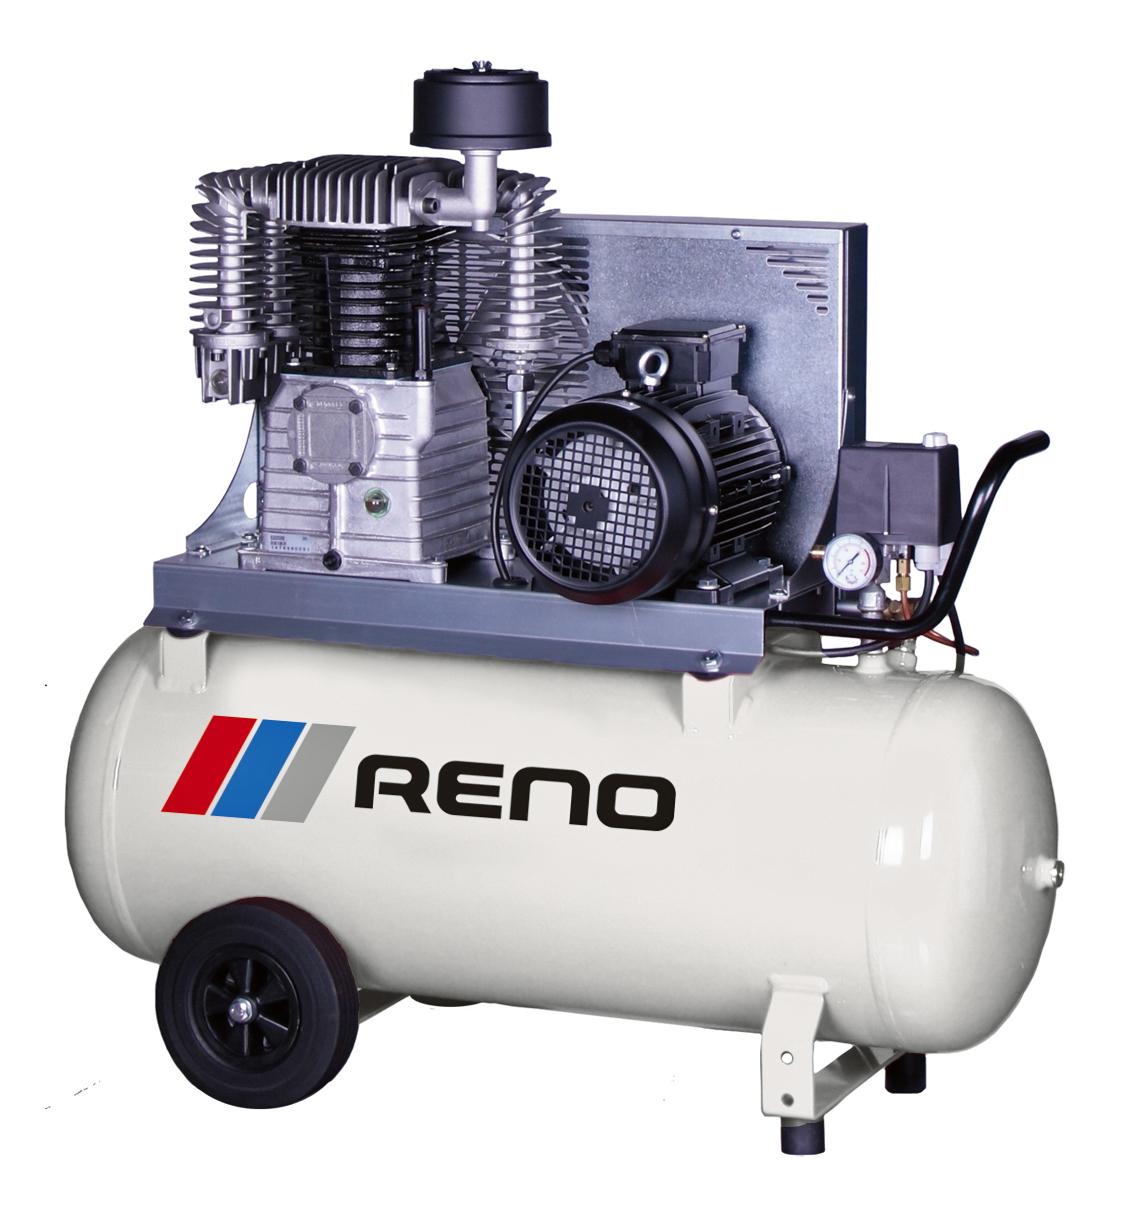 RENO 650/270 400 VOLT Image